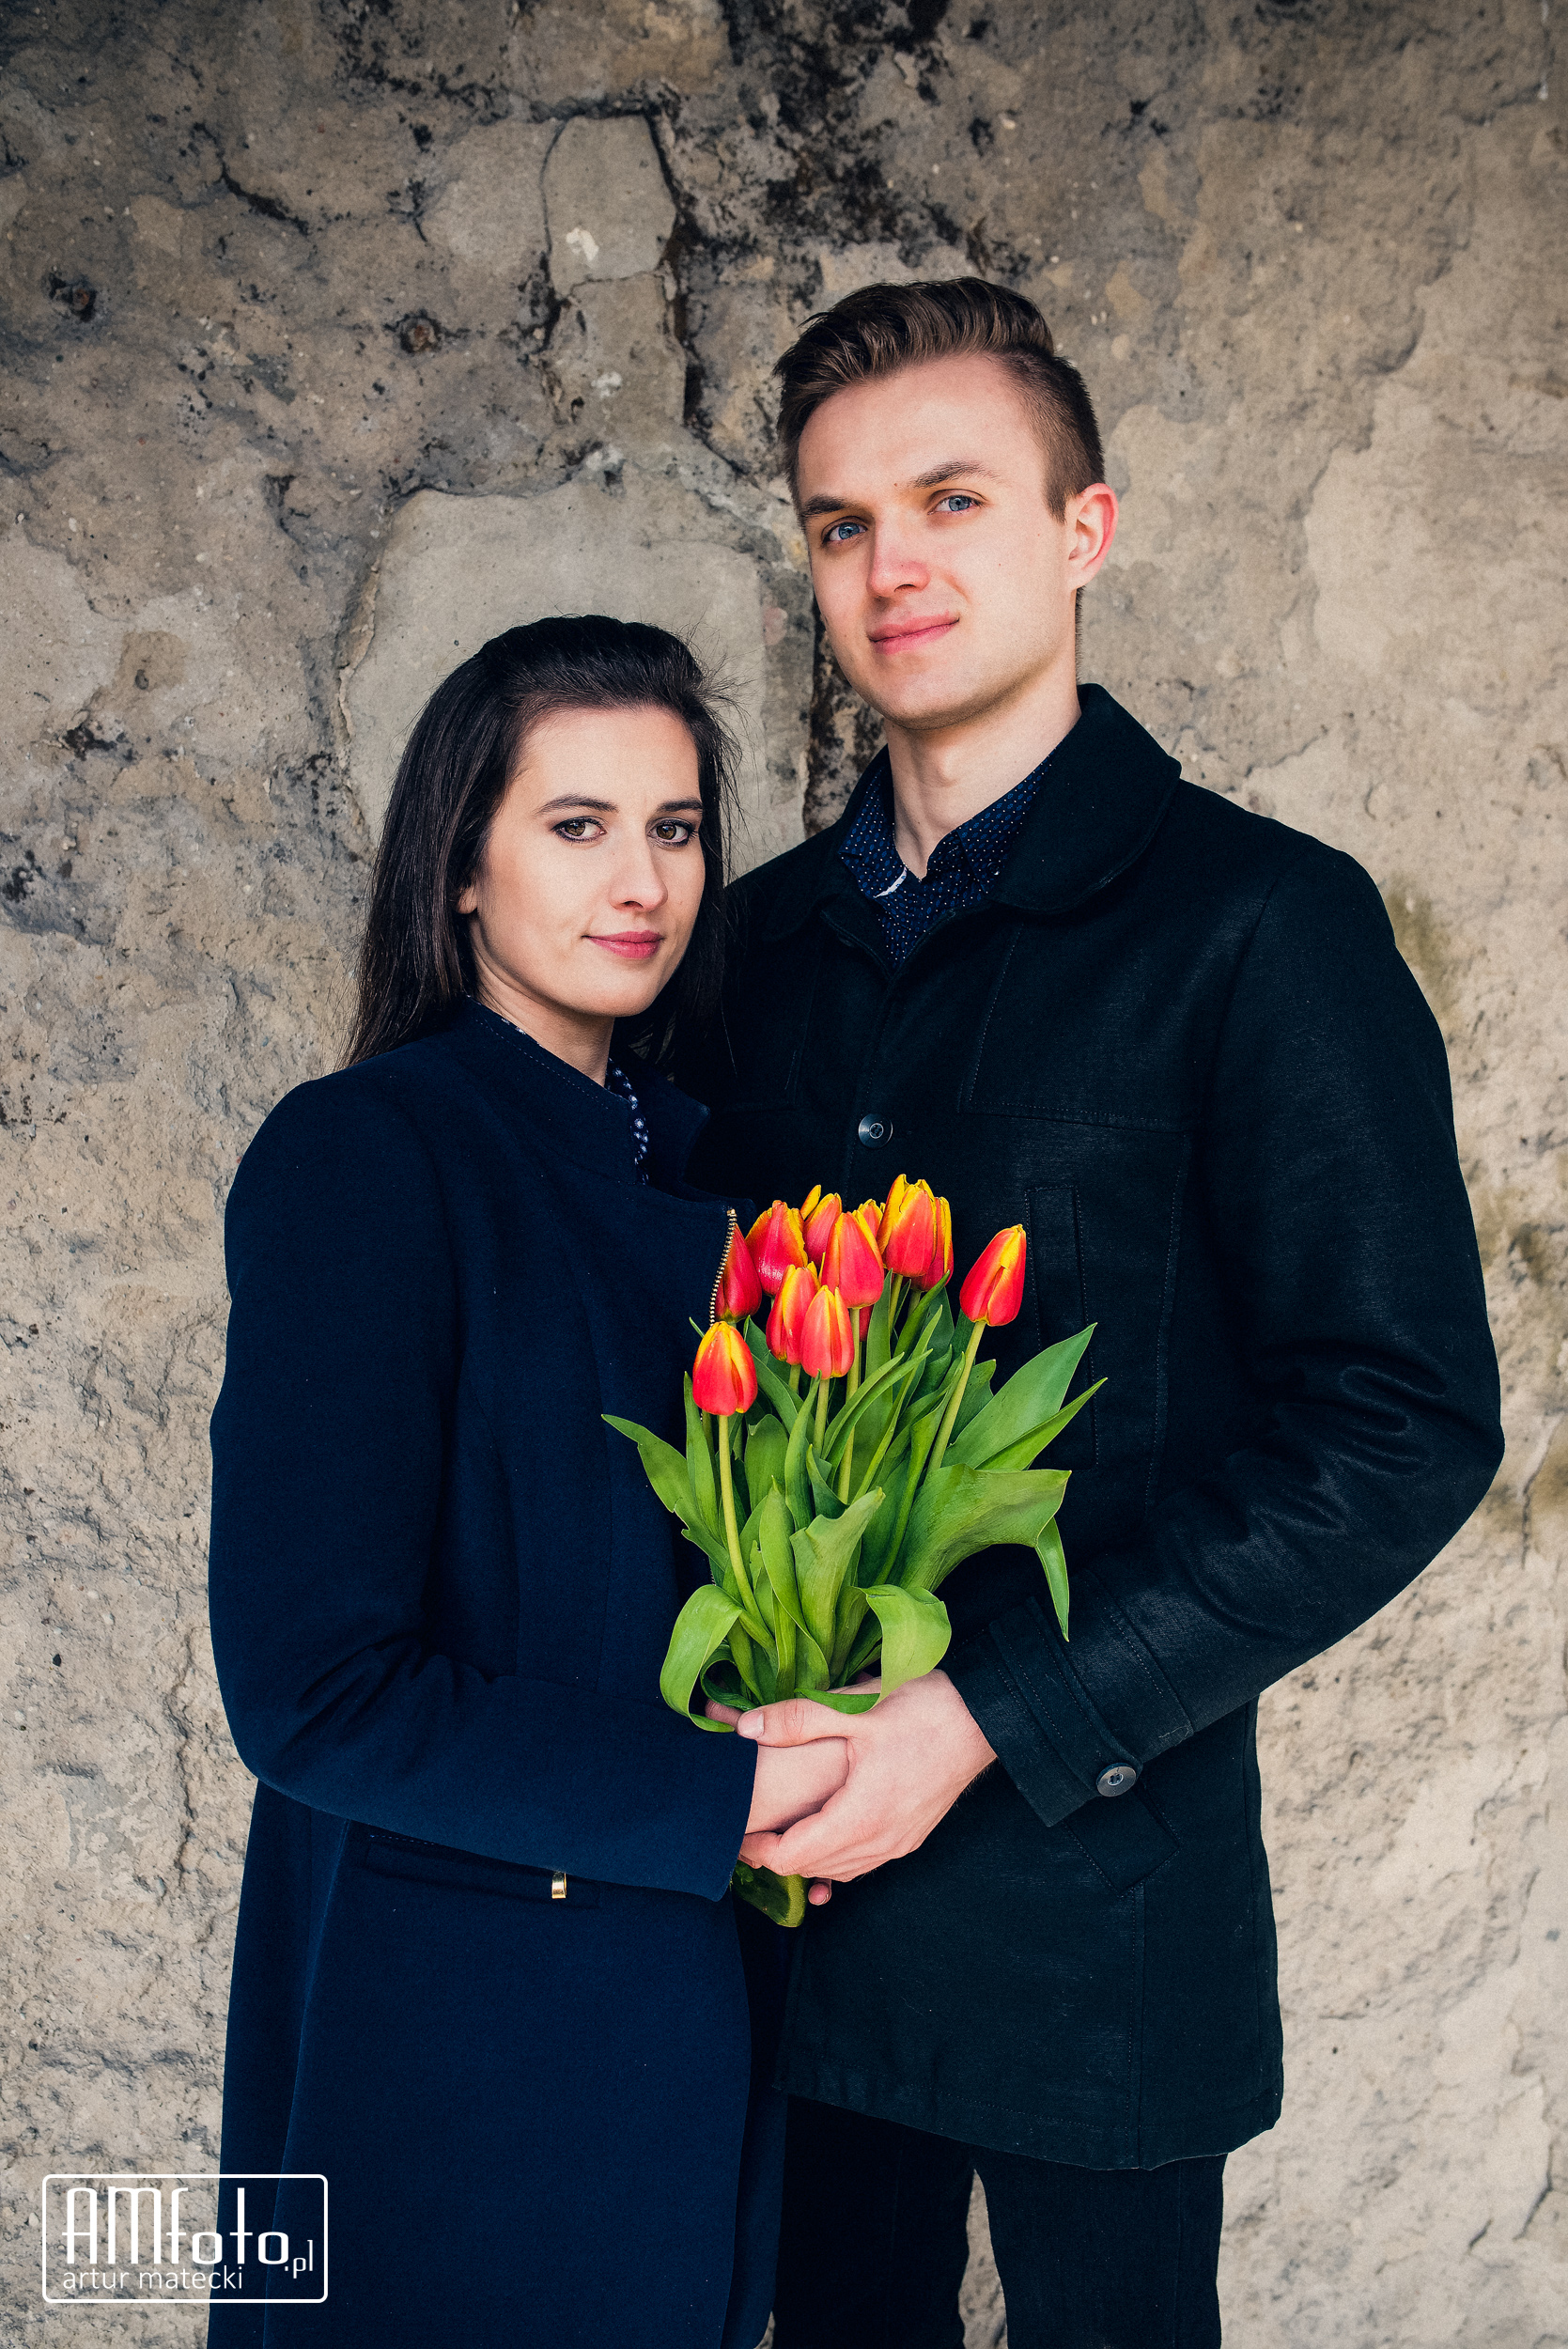 Patrycja&Kamil_sesja_narzeczenska_www_amfoto_pl-2600026.jpg